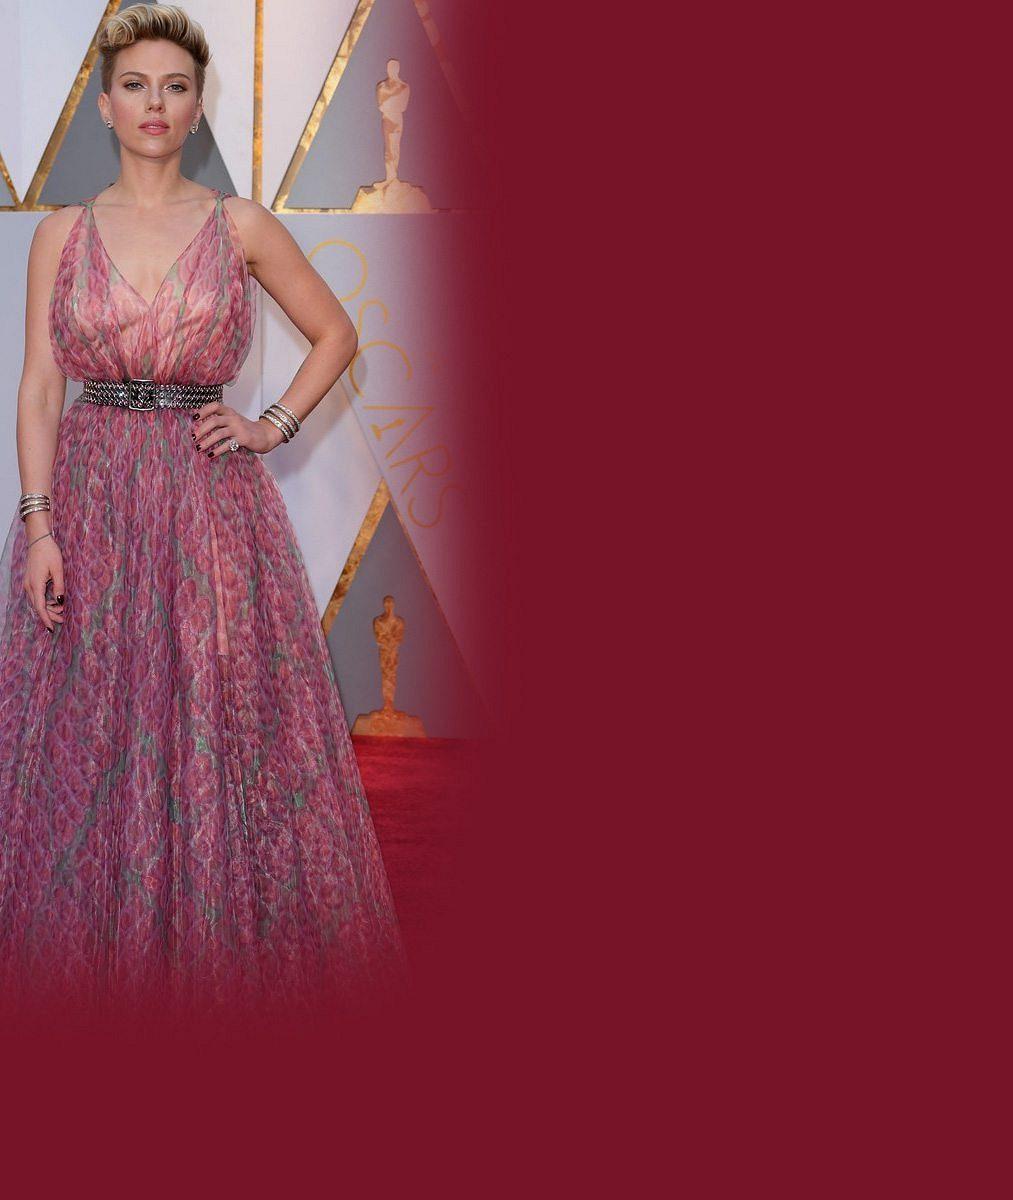 Rozvádějící se sexy herečka přišla na Oscary snovým pánským doprovodem. Kdo je ten fešák?